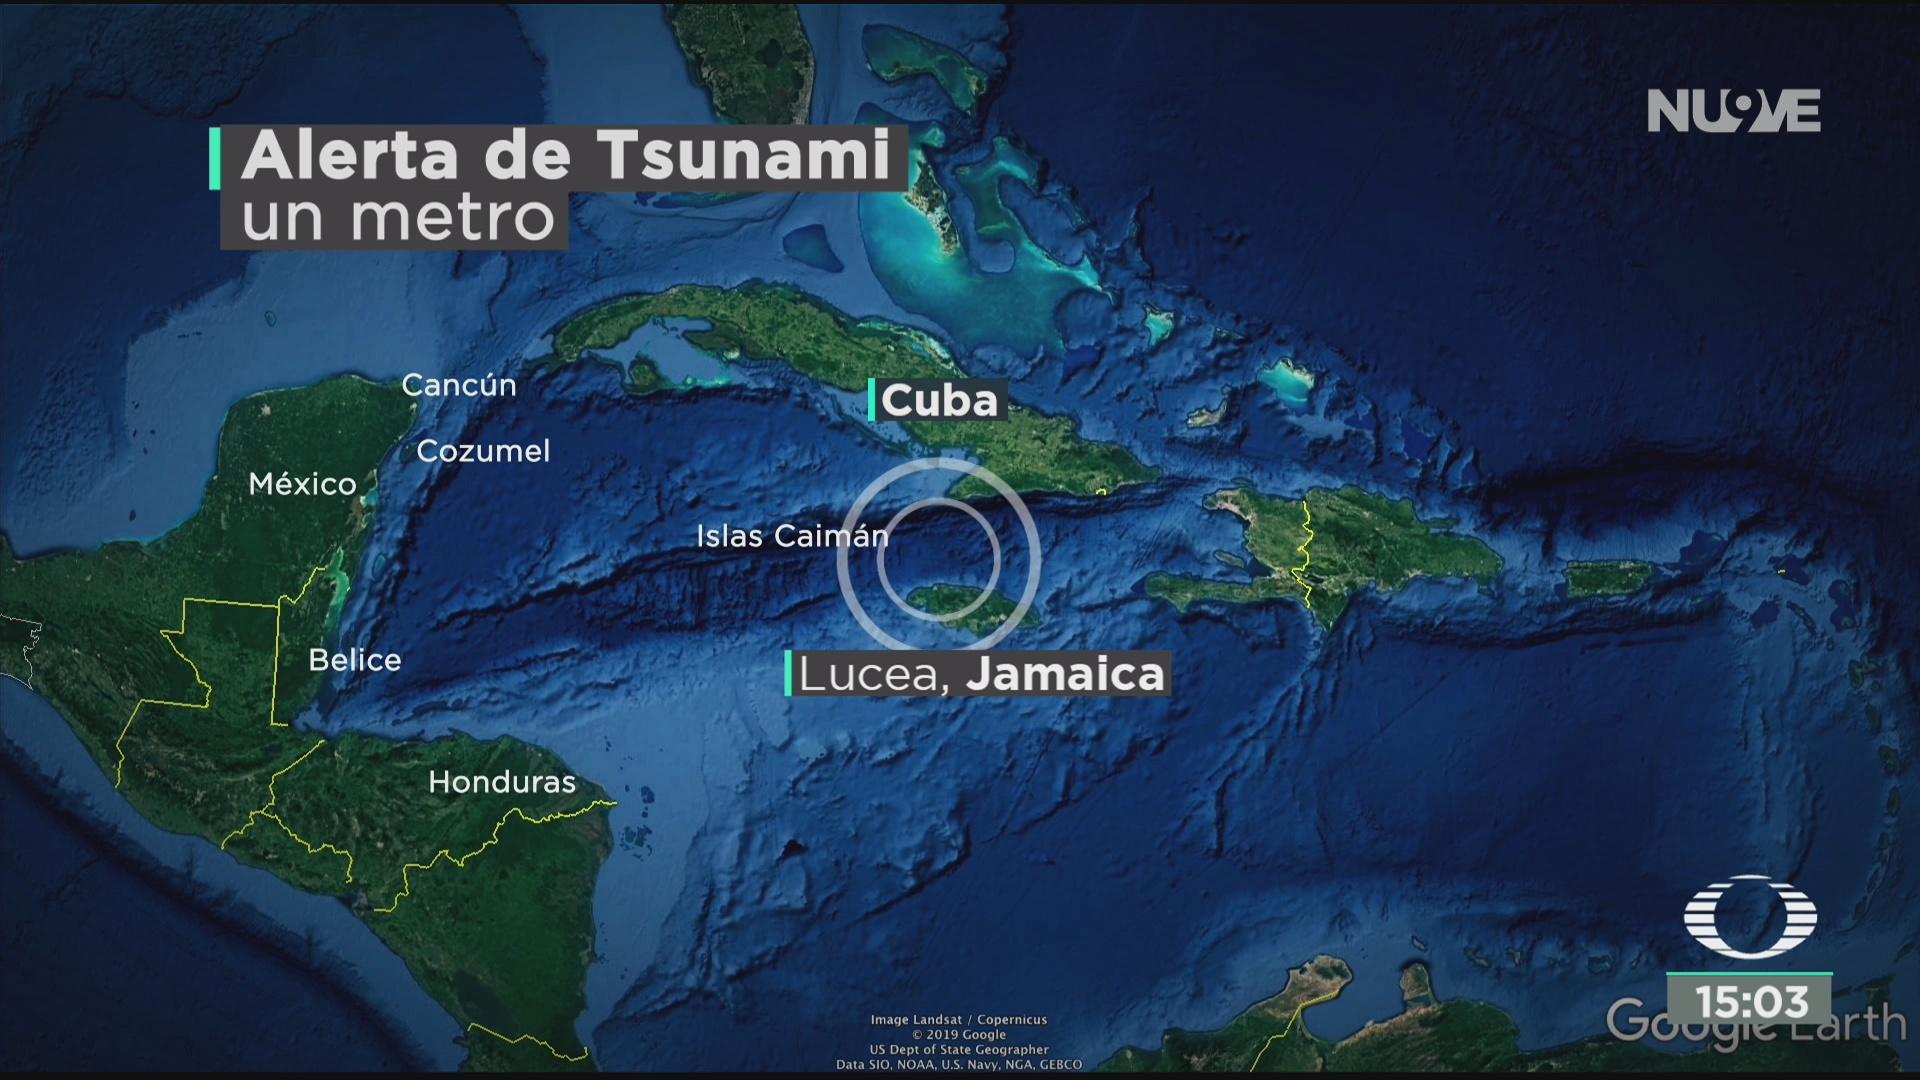 FOTO: terremoto en el caribe activa alerta de tsunami